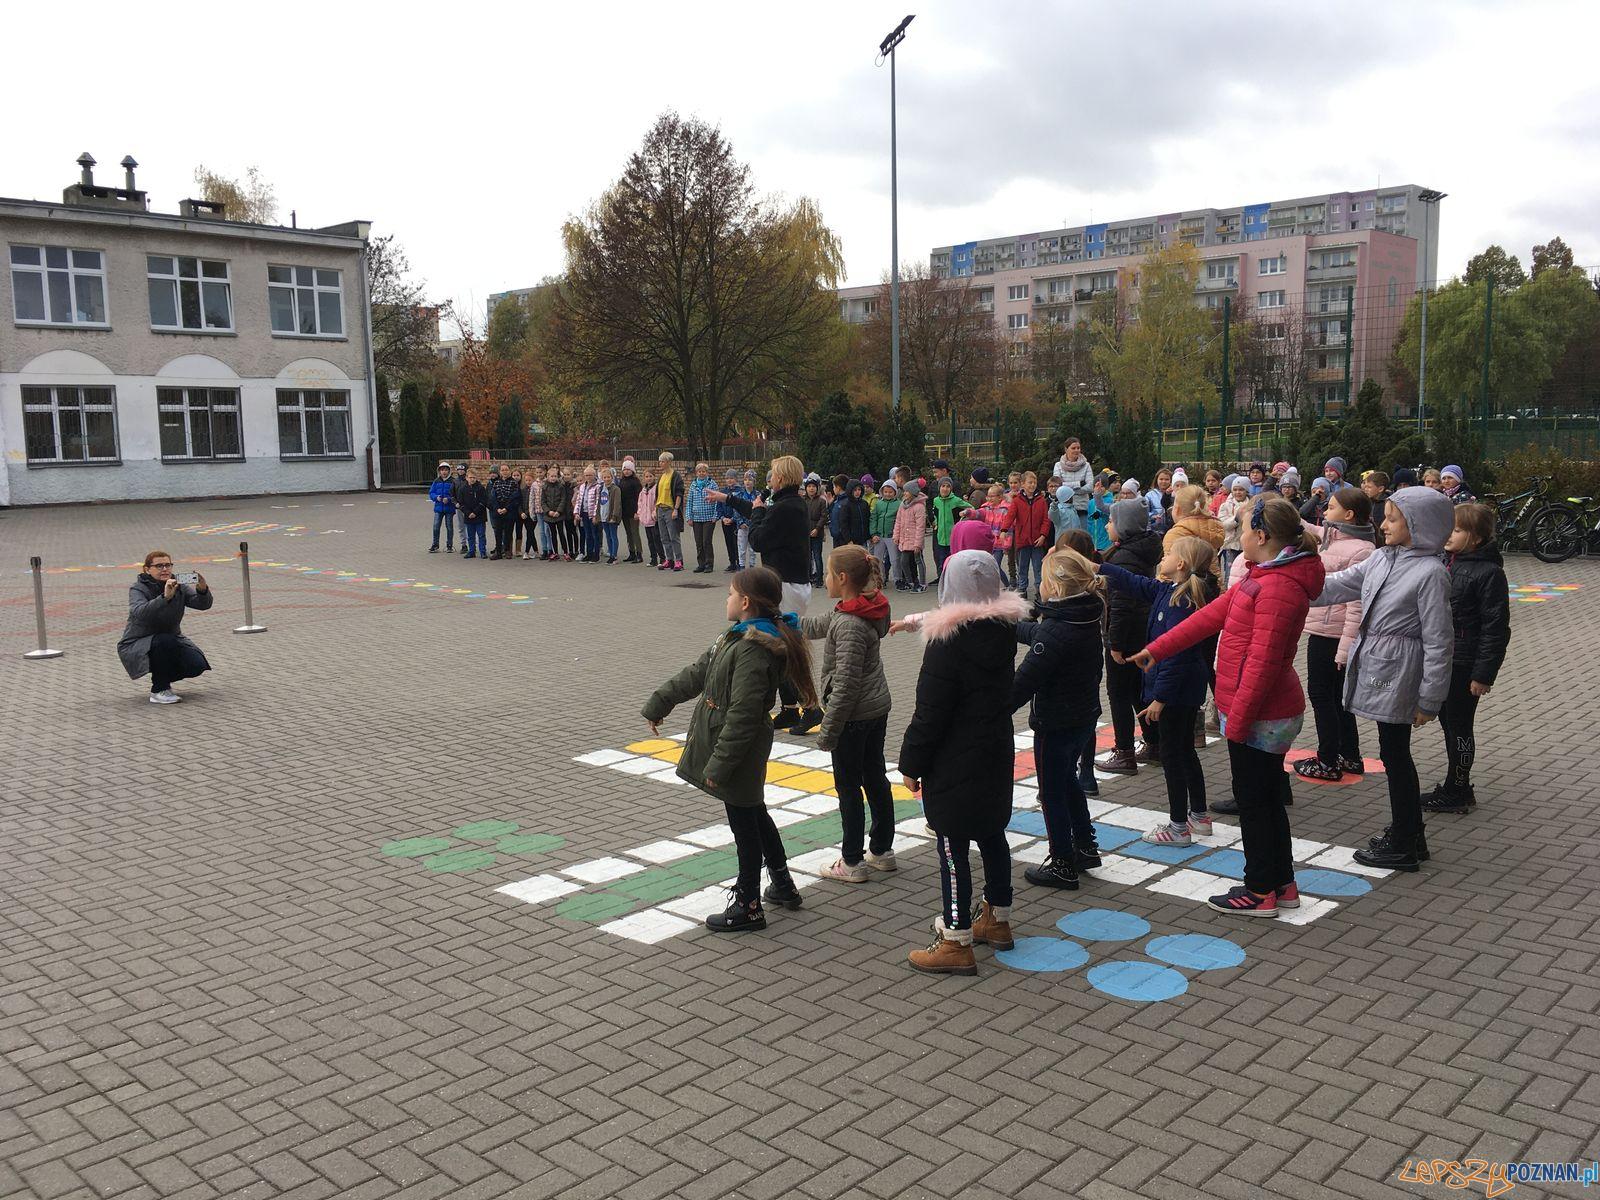 Piatkowo - plac zabaw dla dzieci (3)  Foto: Jacek Tomaszewski